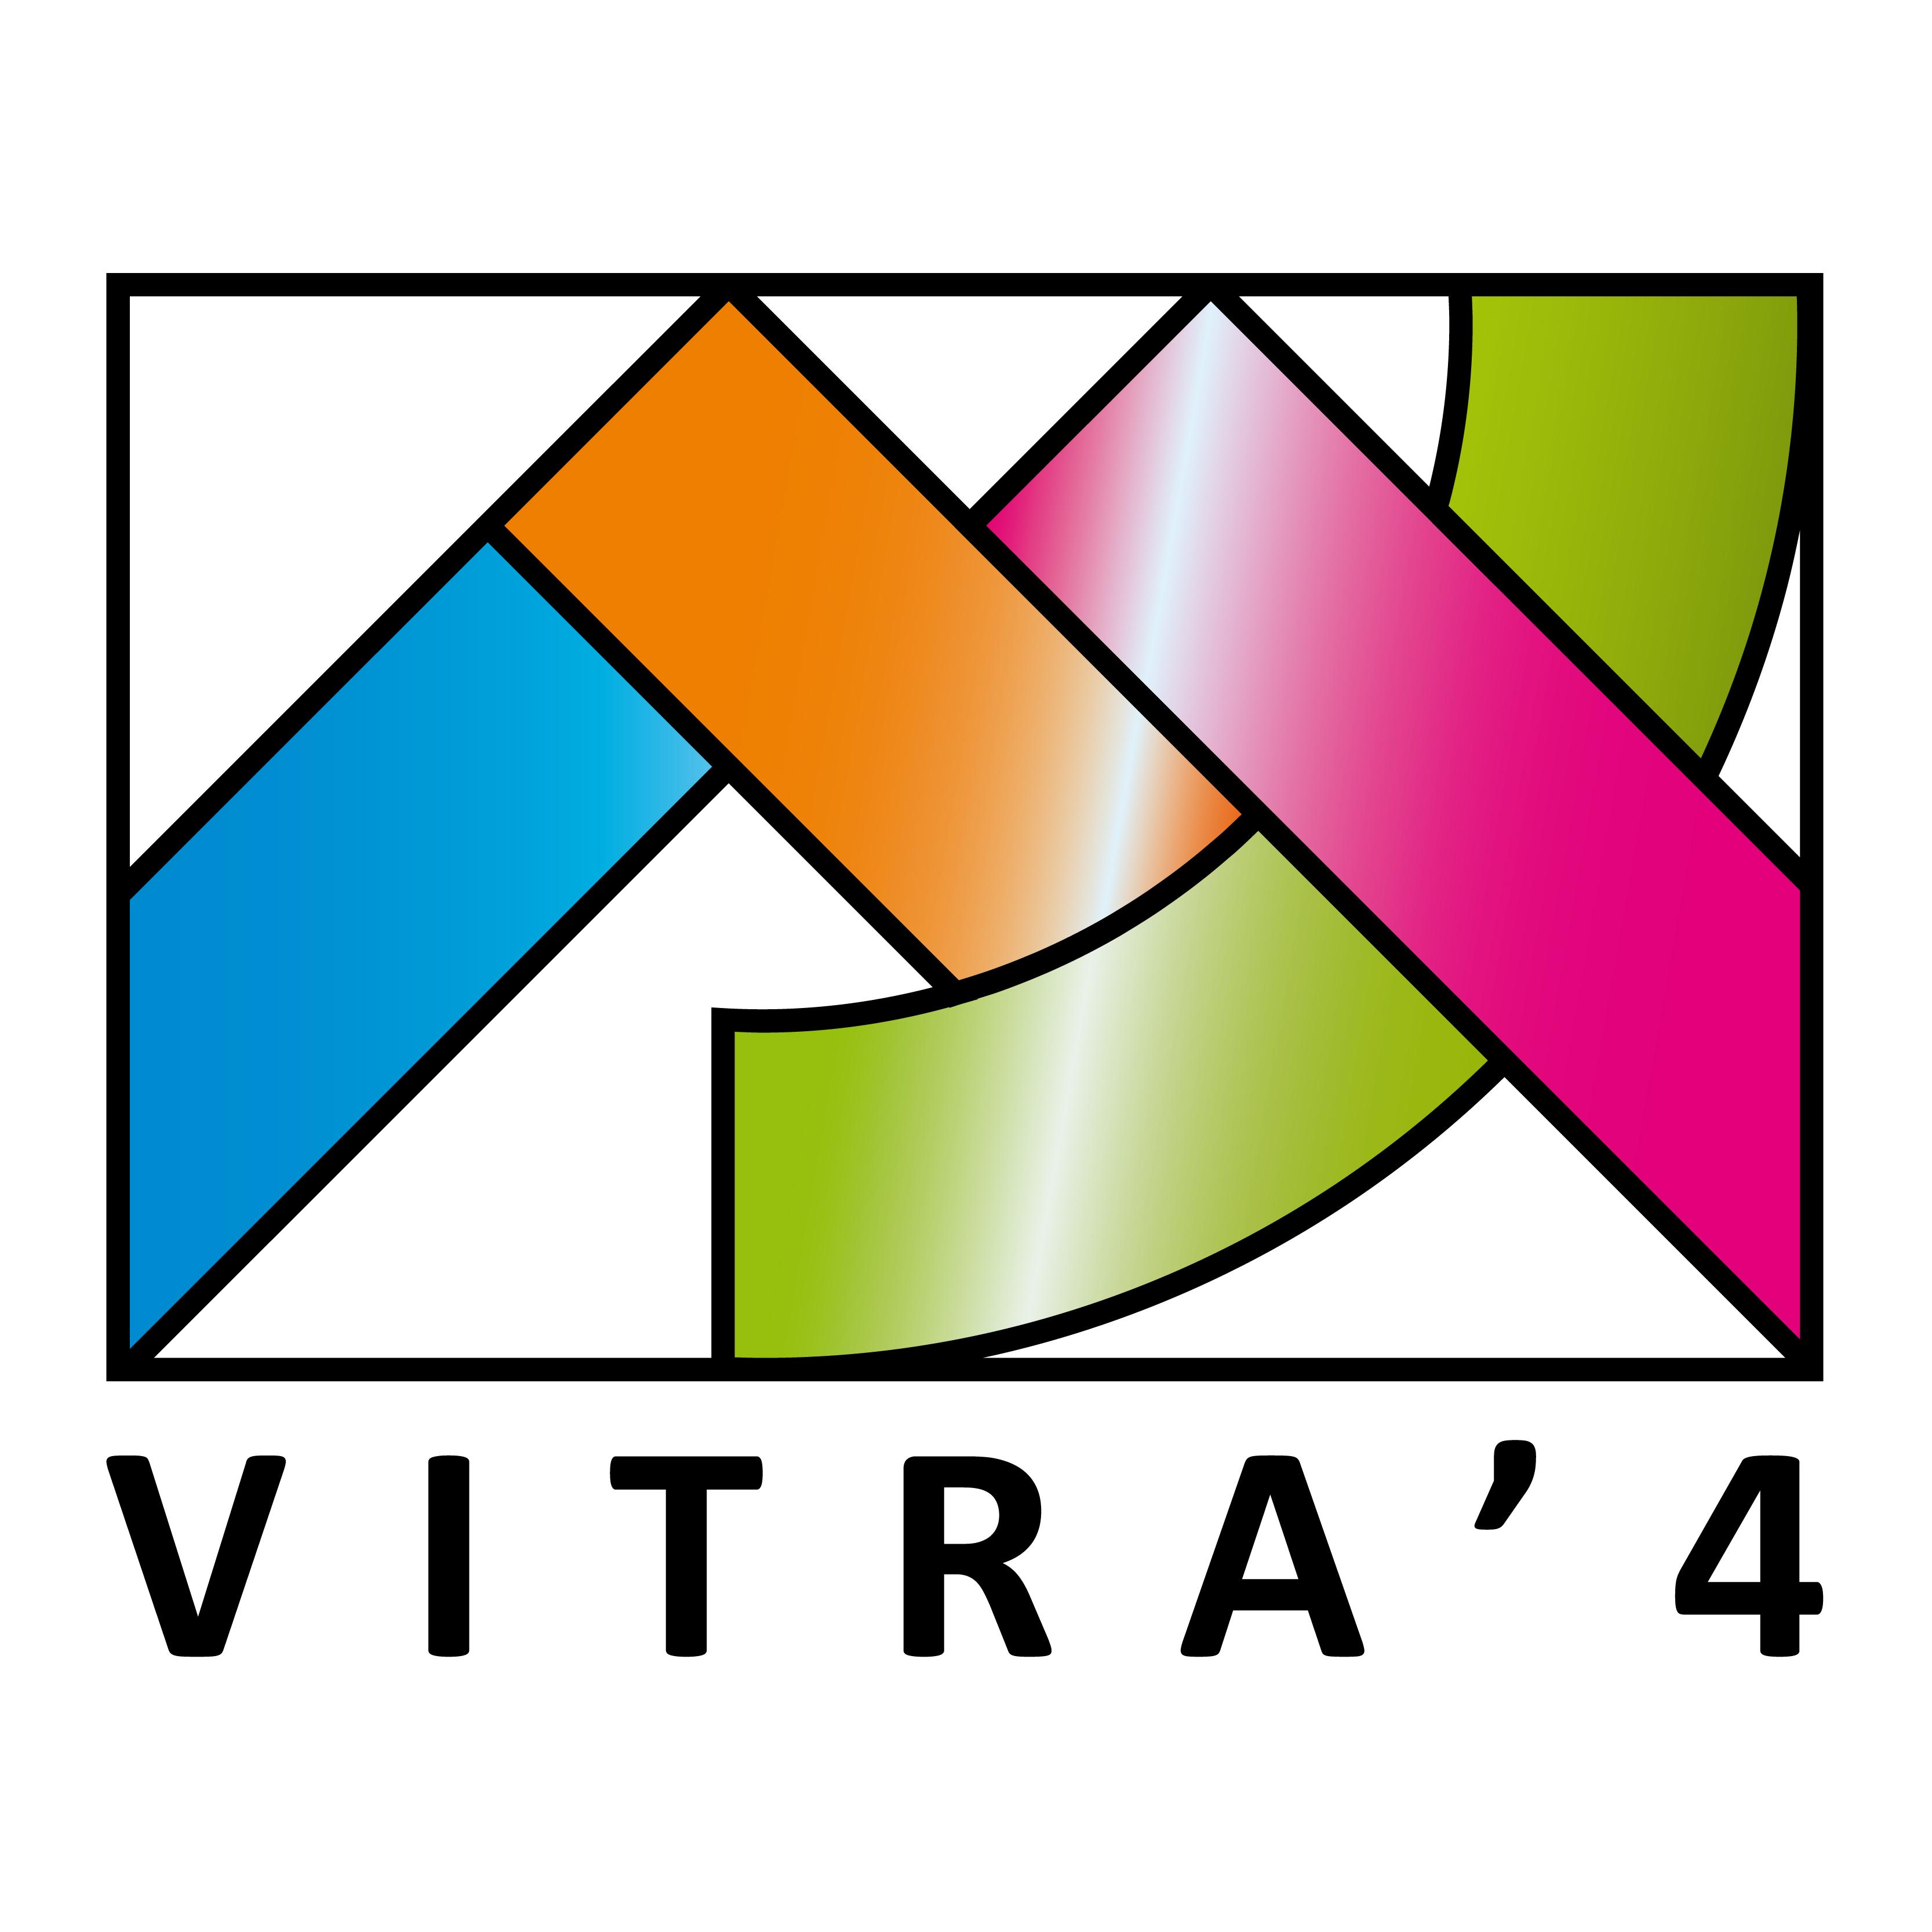 VITRA'4